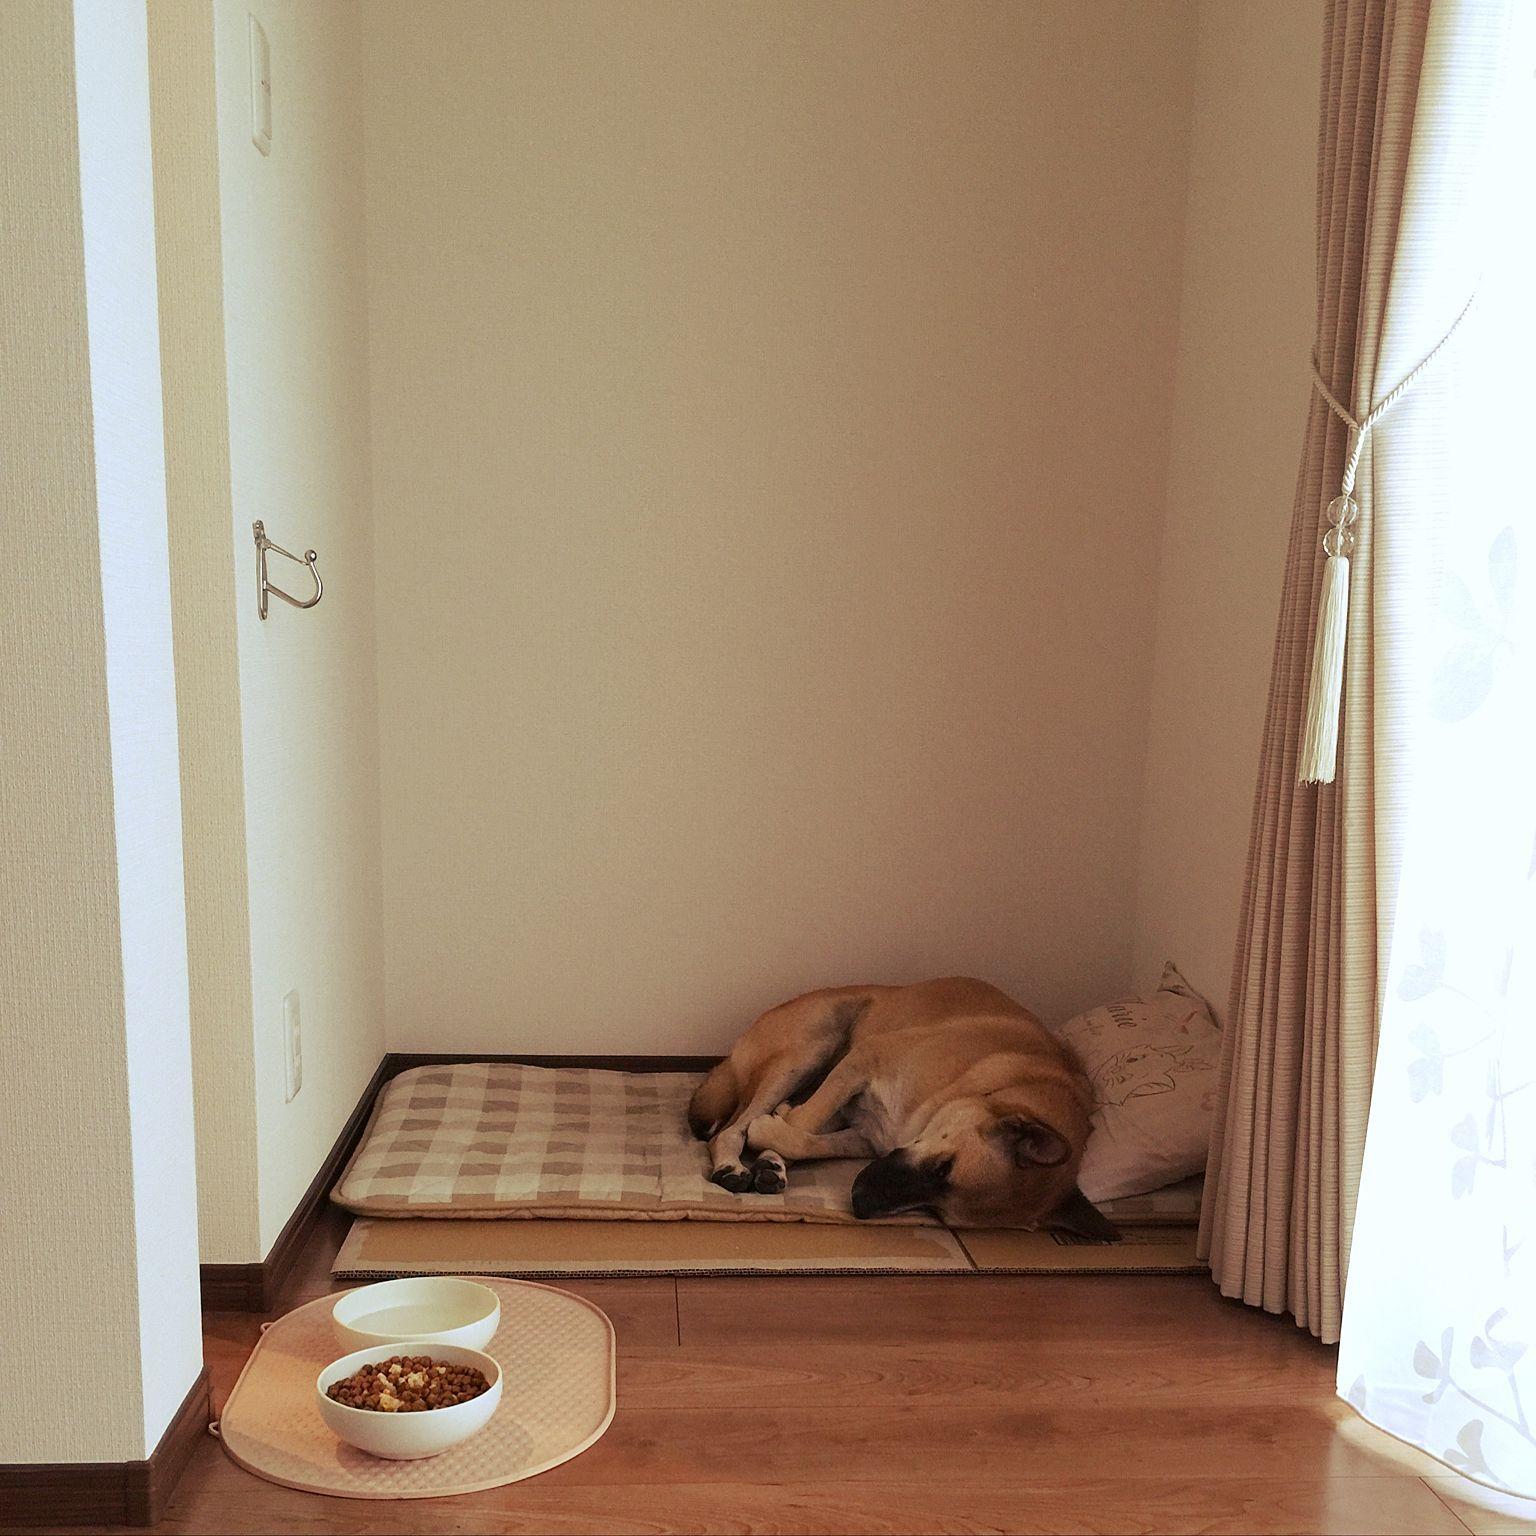 犬と暮らすリビング の画像検索結果 犬と暮らす家 ドッグハウス リビング